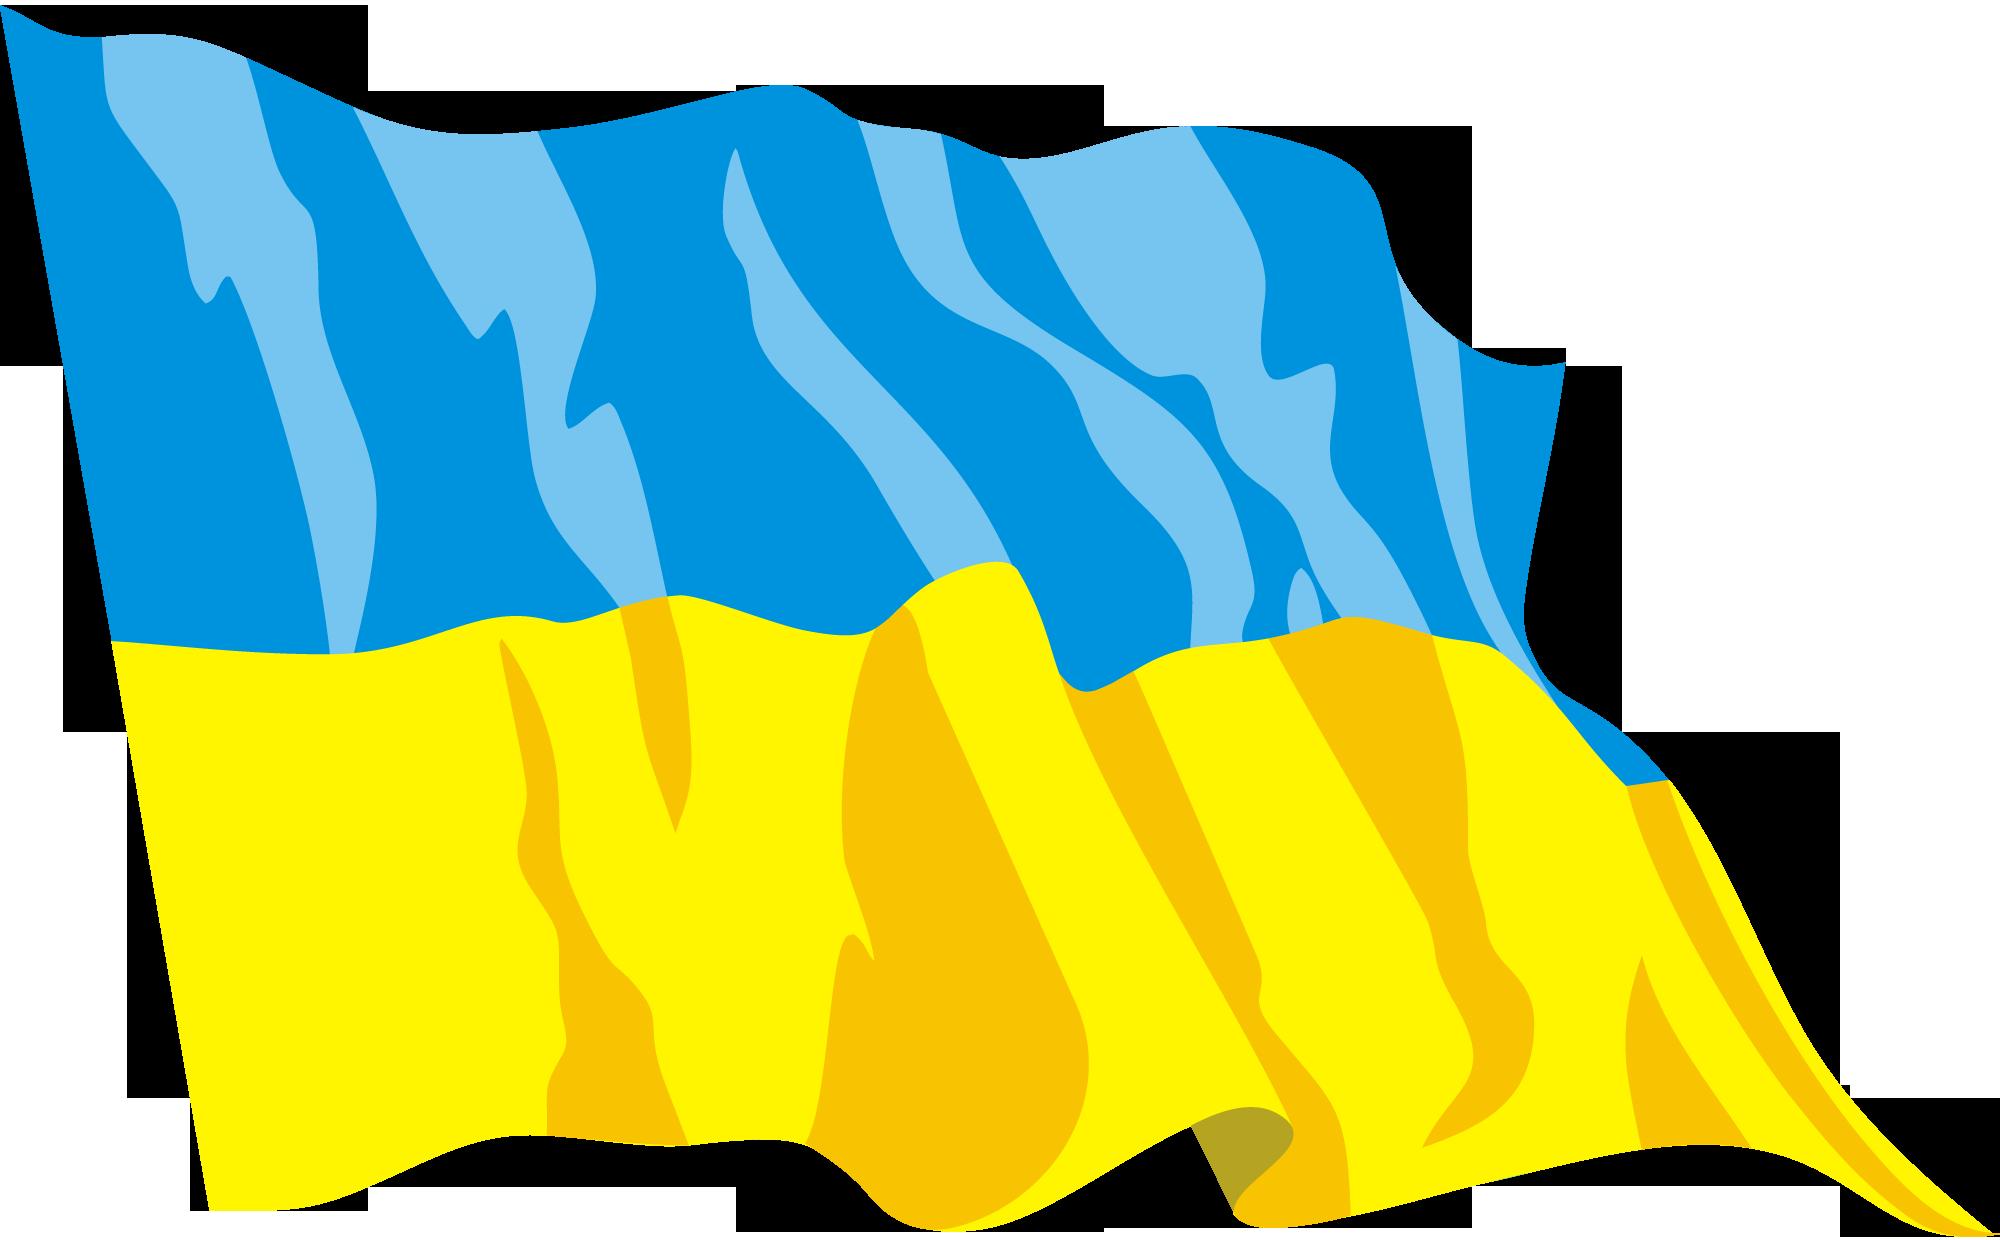 Украинский развивающийся флаг